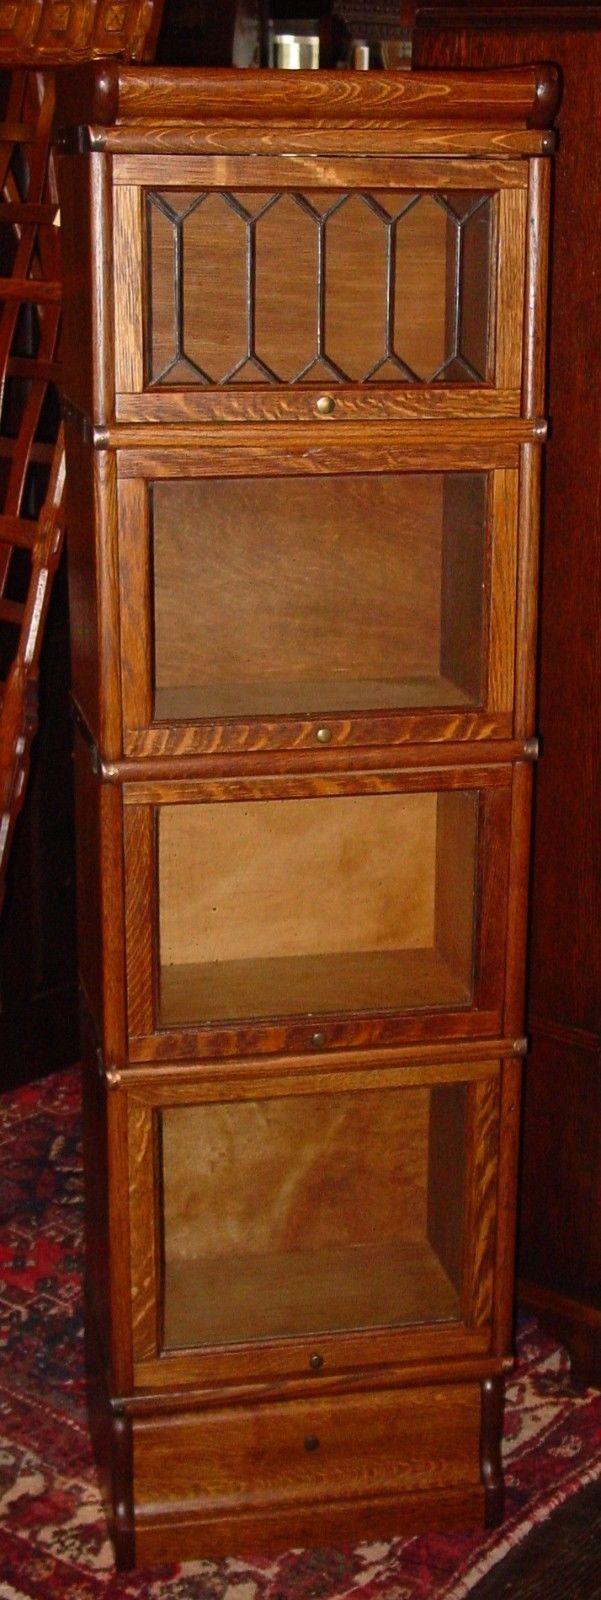 Cute Quartered Quarter Sawn Oak Half Size Barrister Bookcase Leaded Glass 15266 | eBay